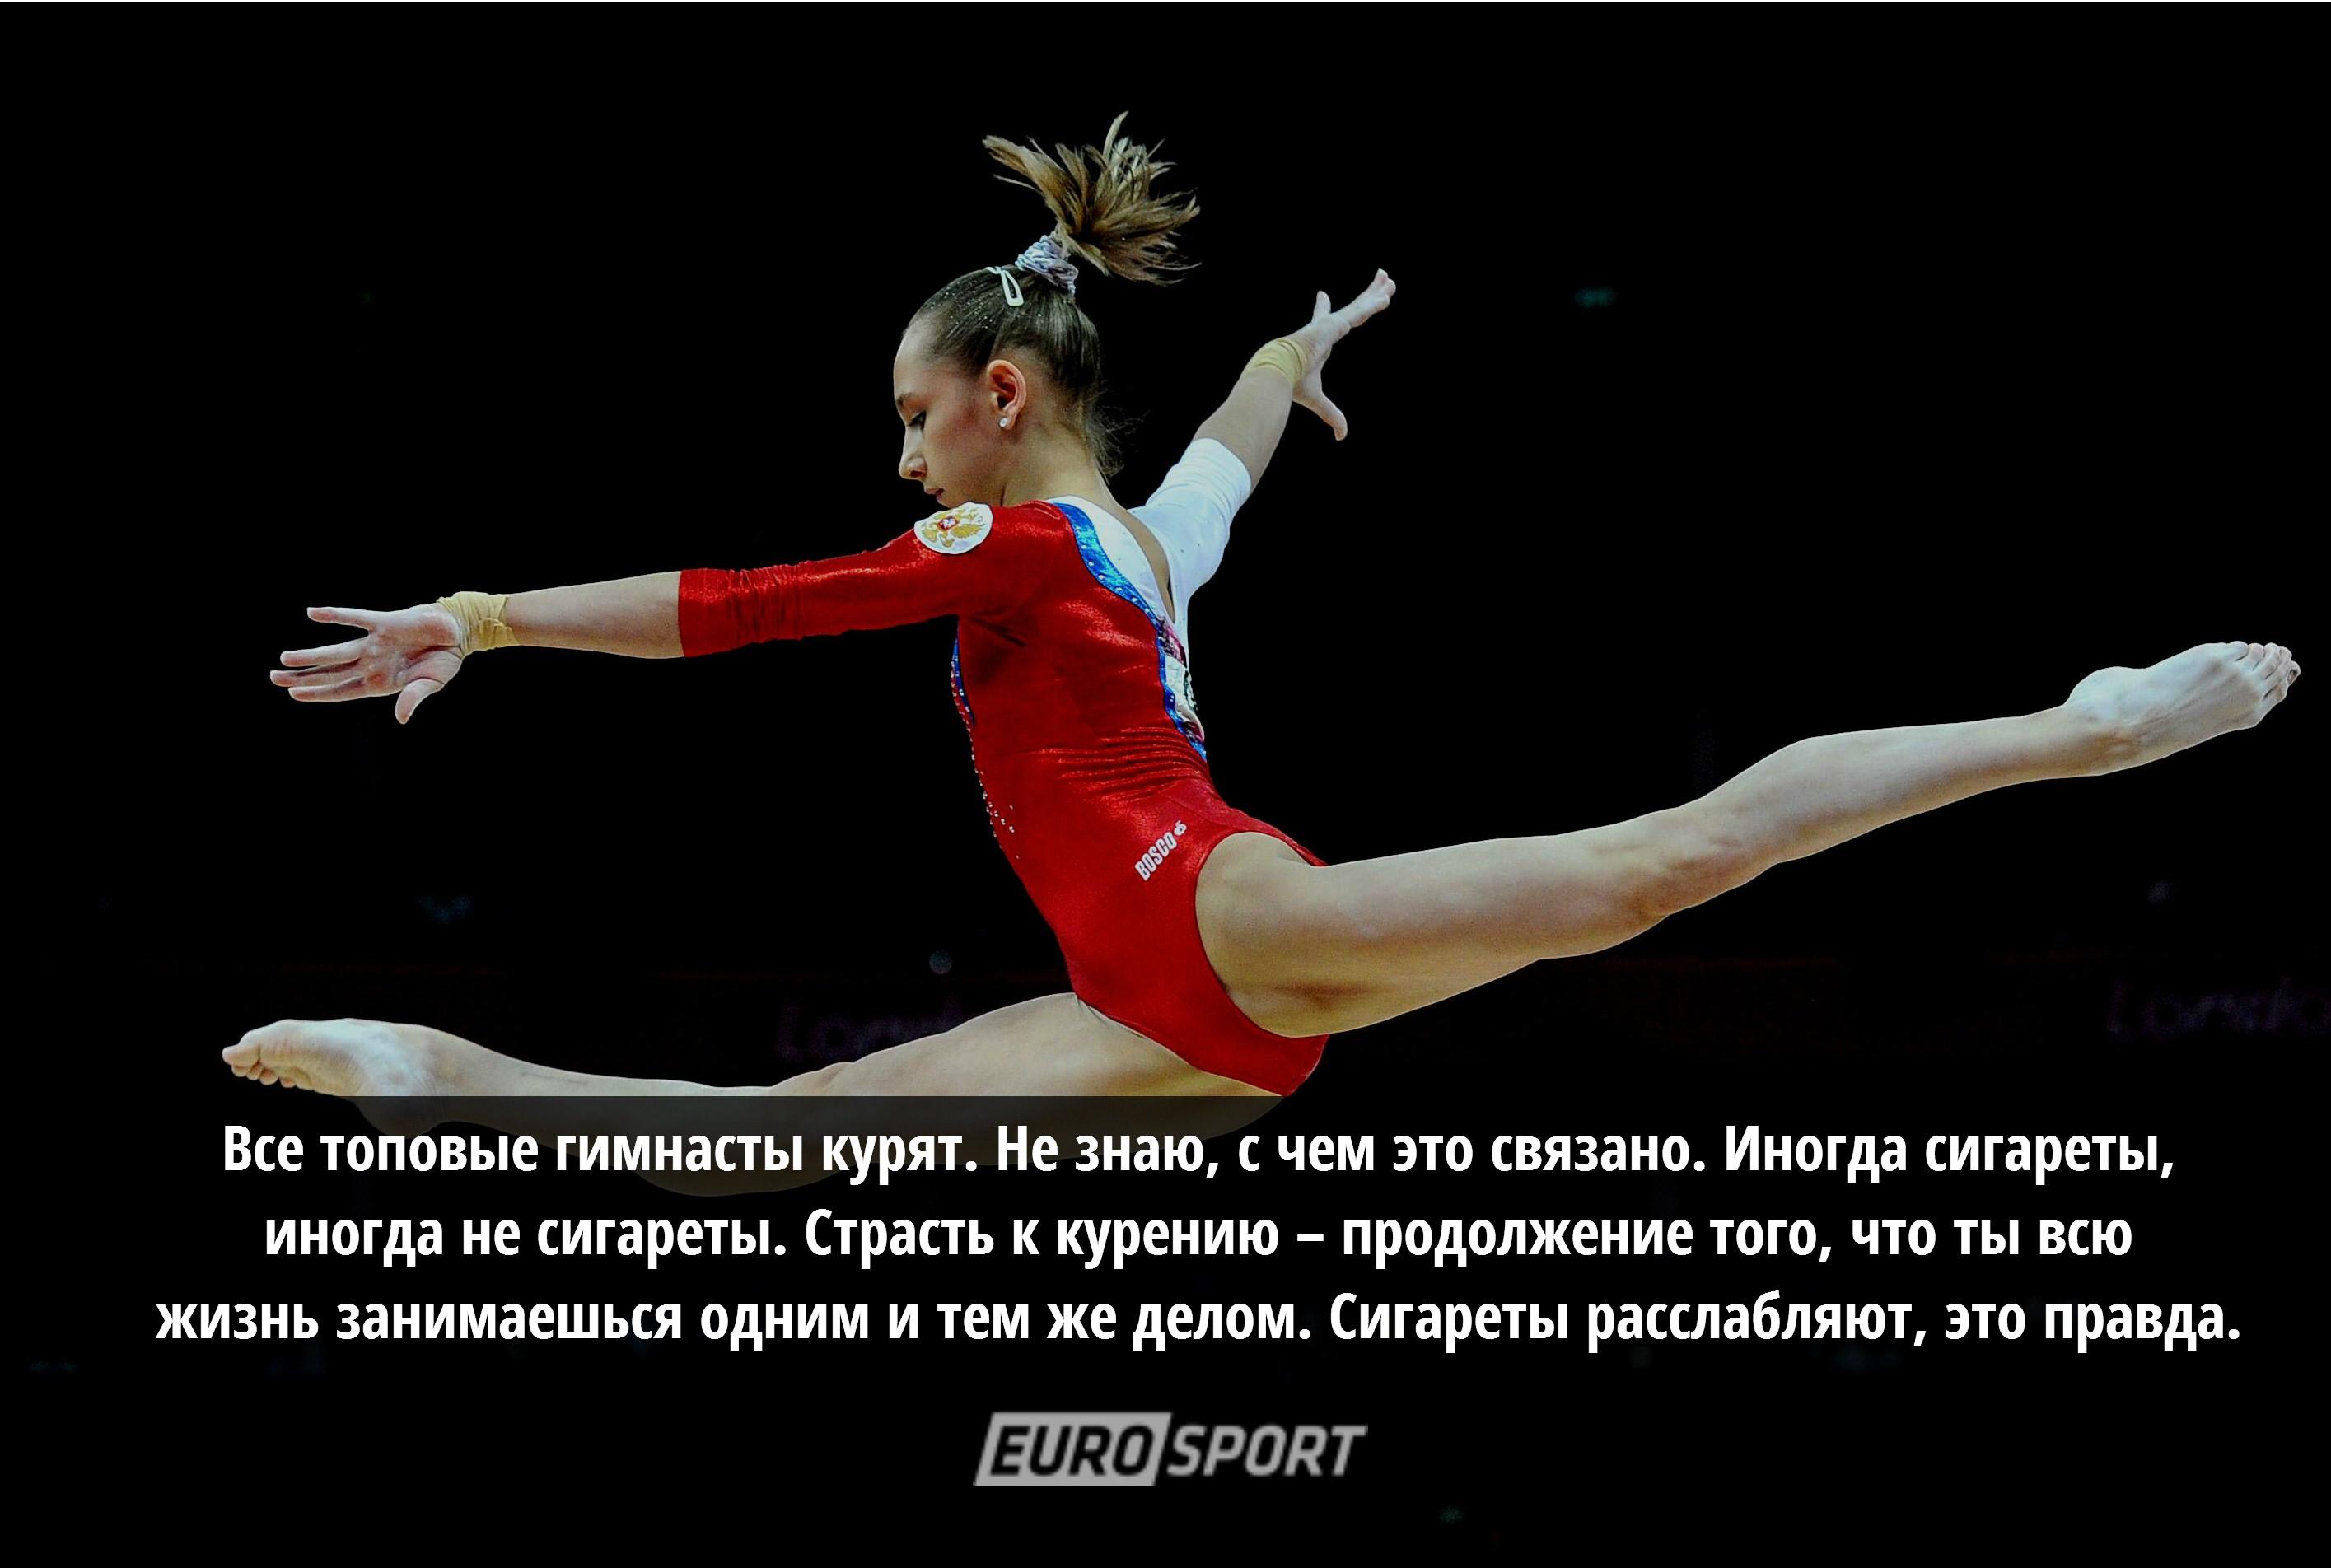 Русская красивая тренерша по гимнастики занимается сексом с учеником видео